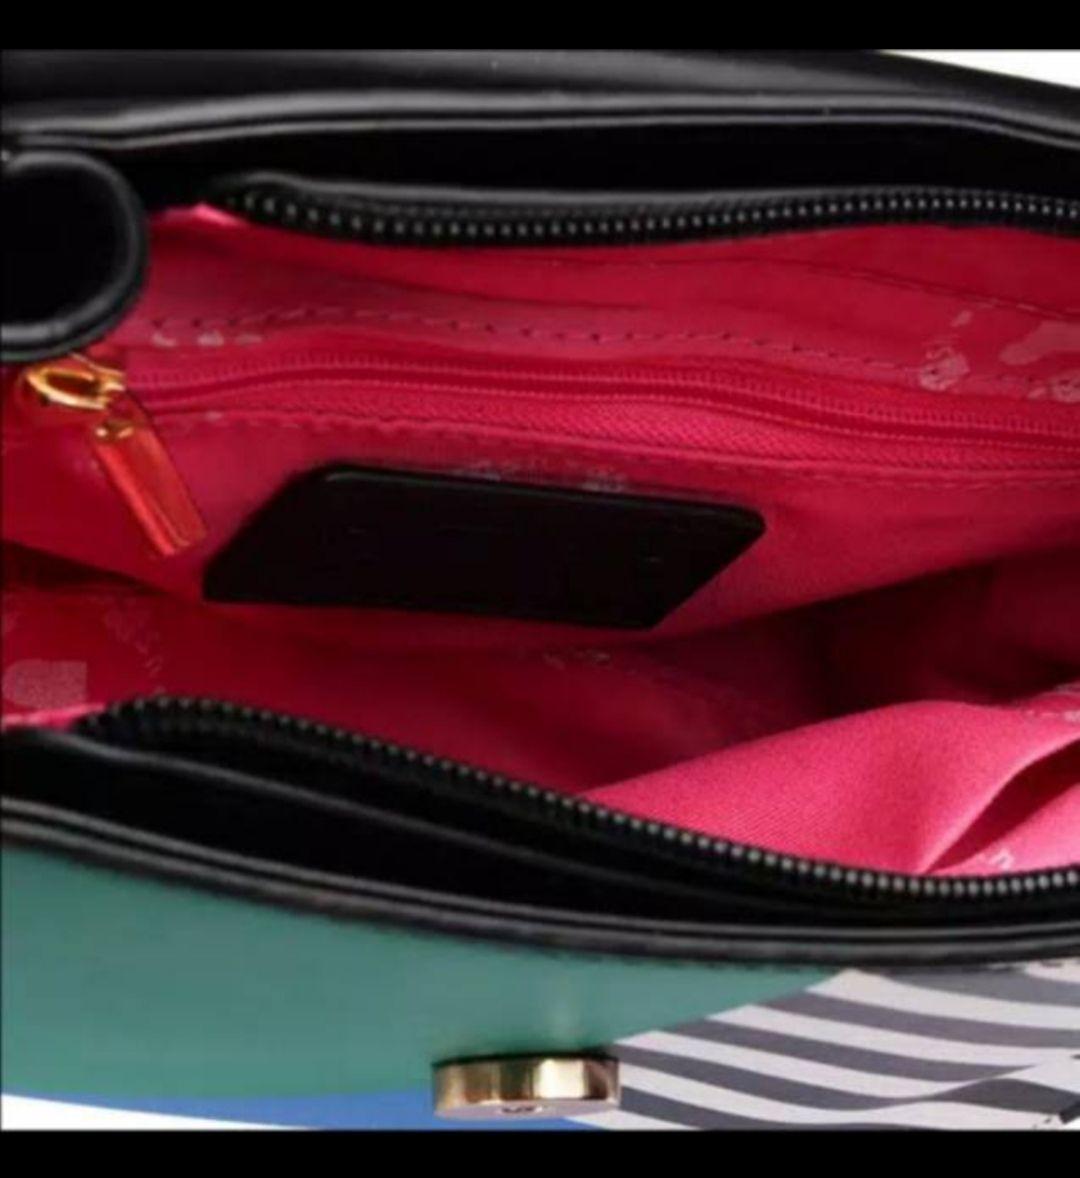 Tas Gosh Amaryllis 465 Small Hand Bag